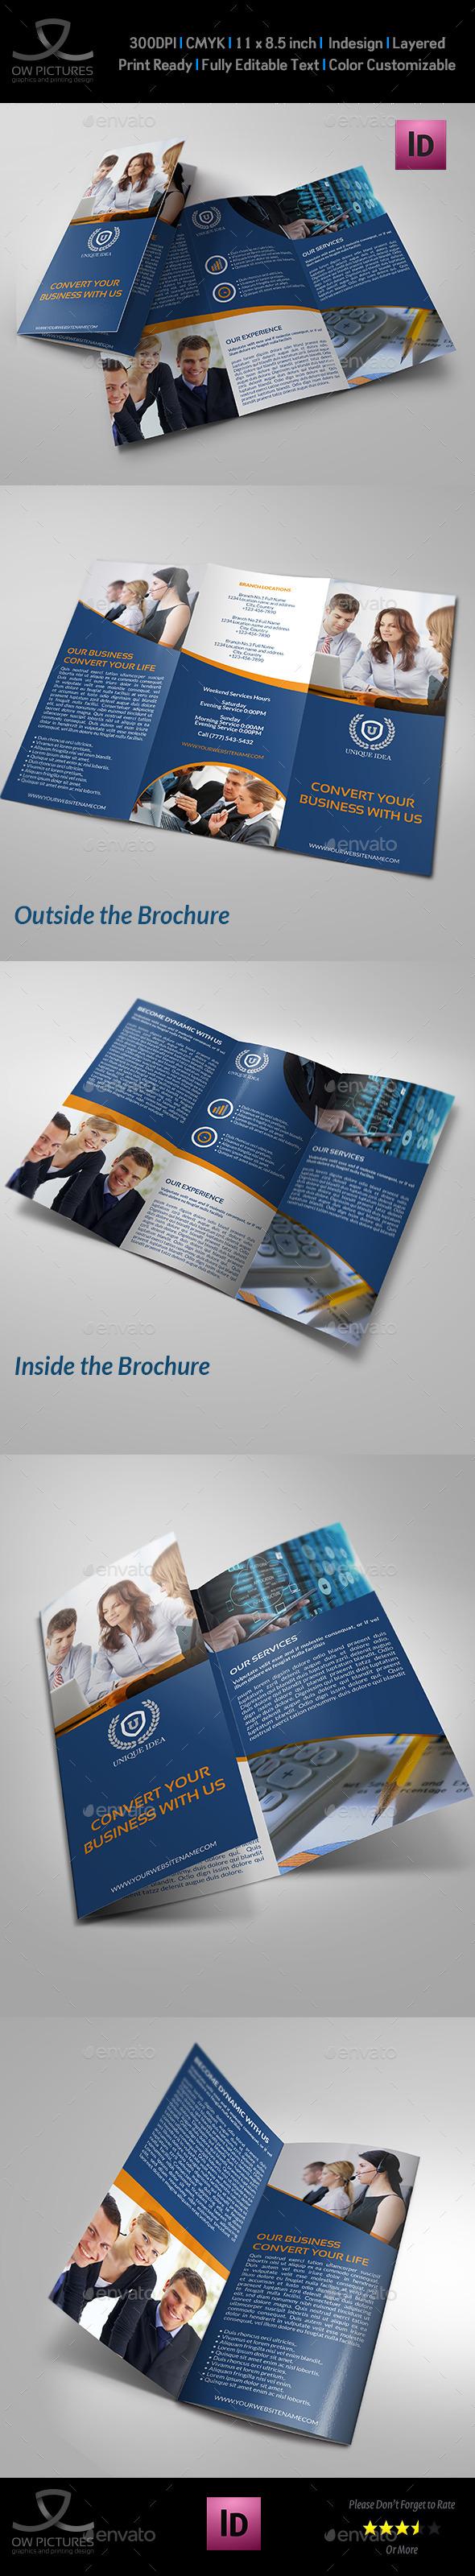 GraphicRiver Company Brochure Tri-Fold Brochure Vol.14 9083302